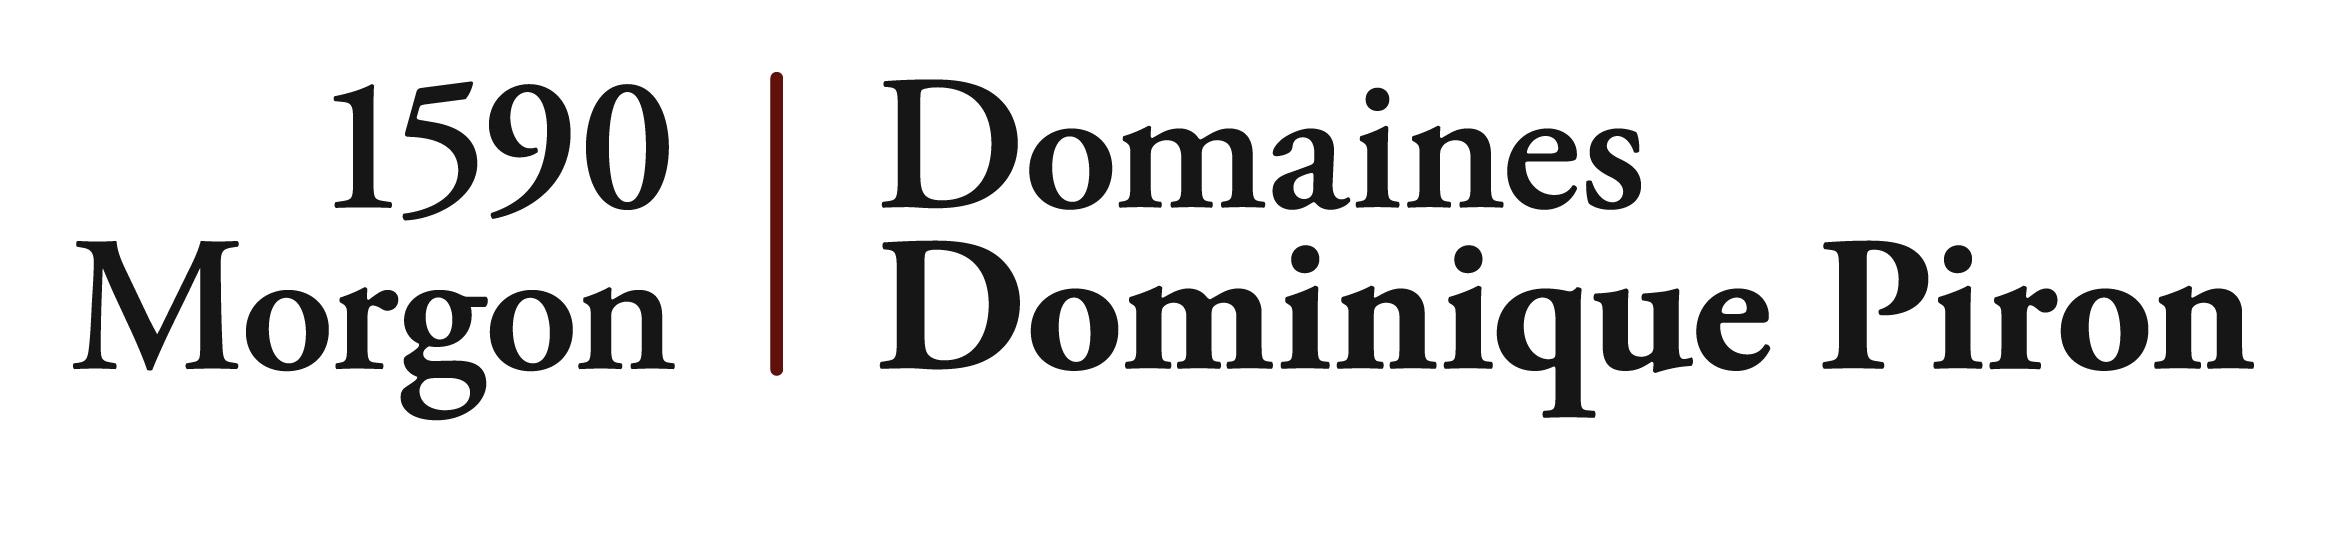 Dominique Piron